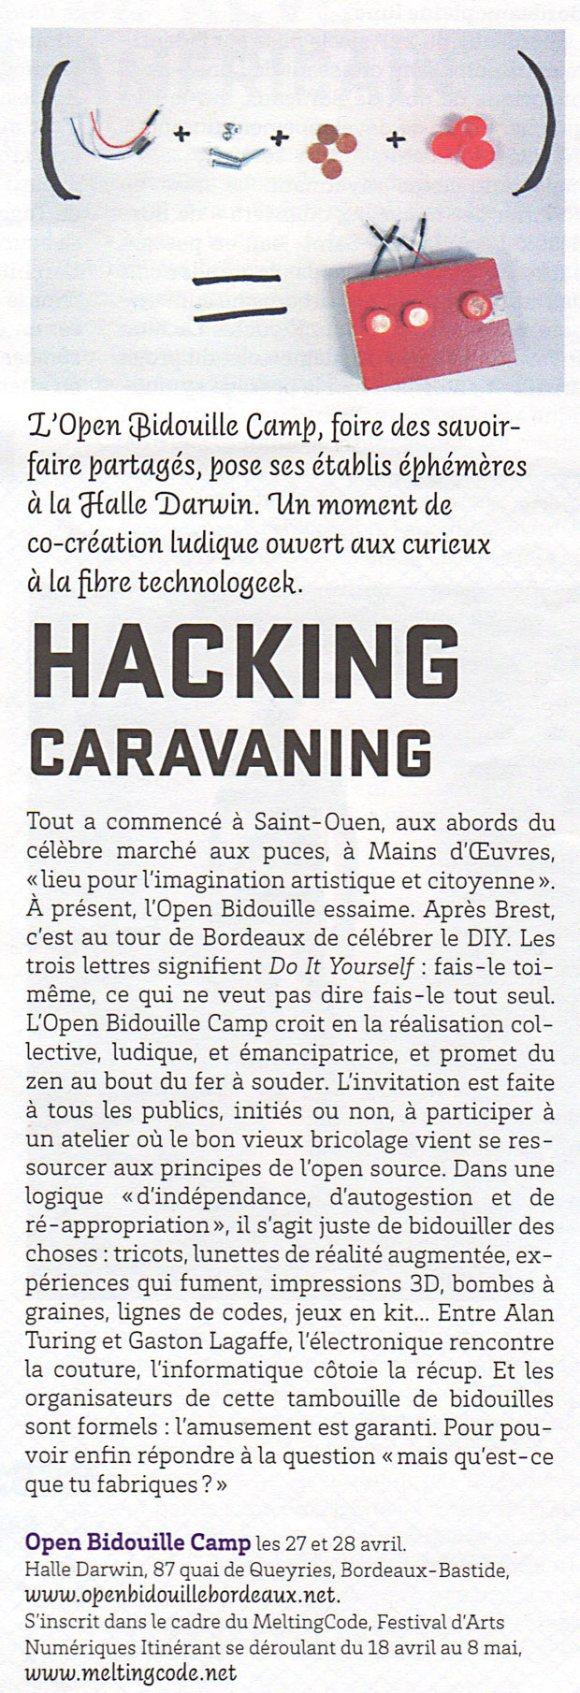 HACKING-CARAVANING